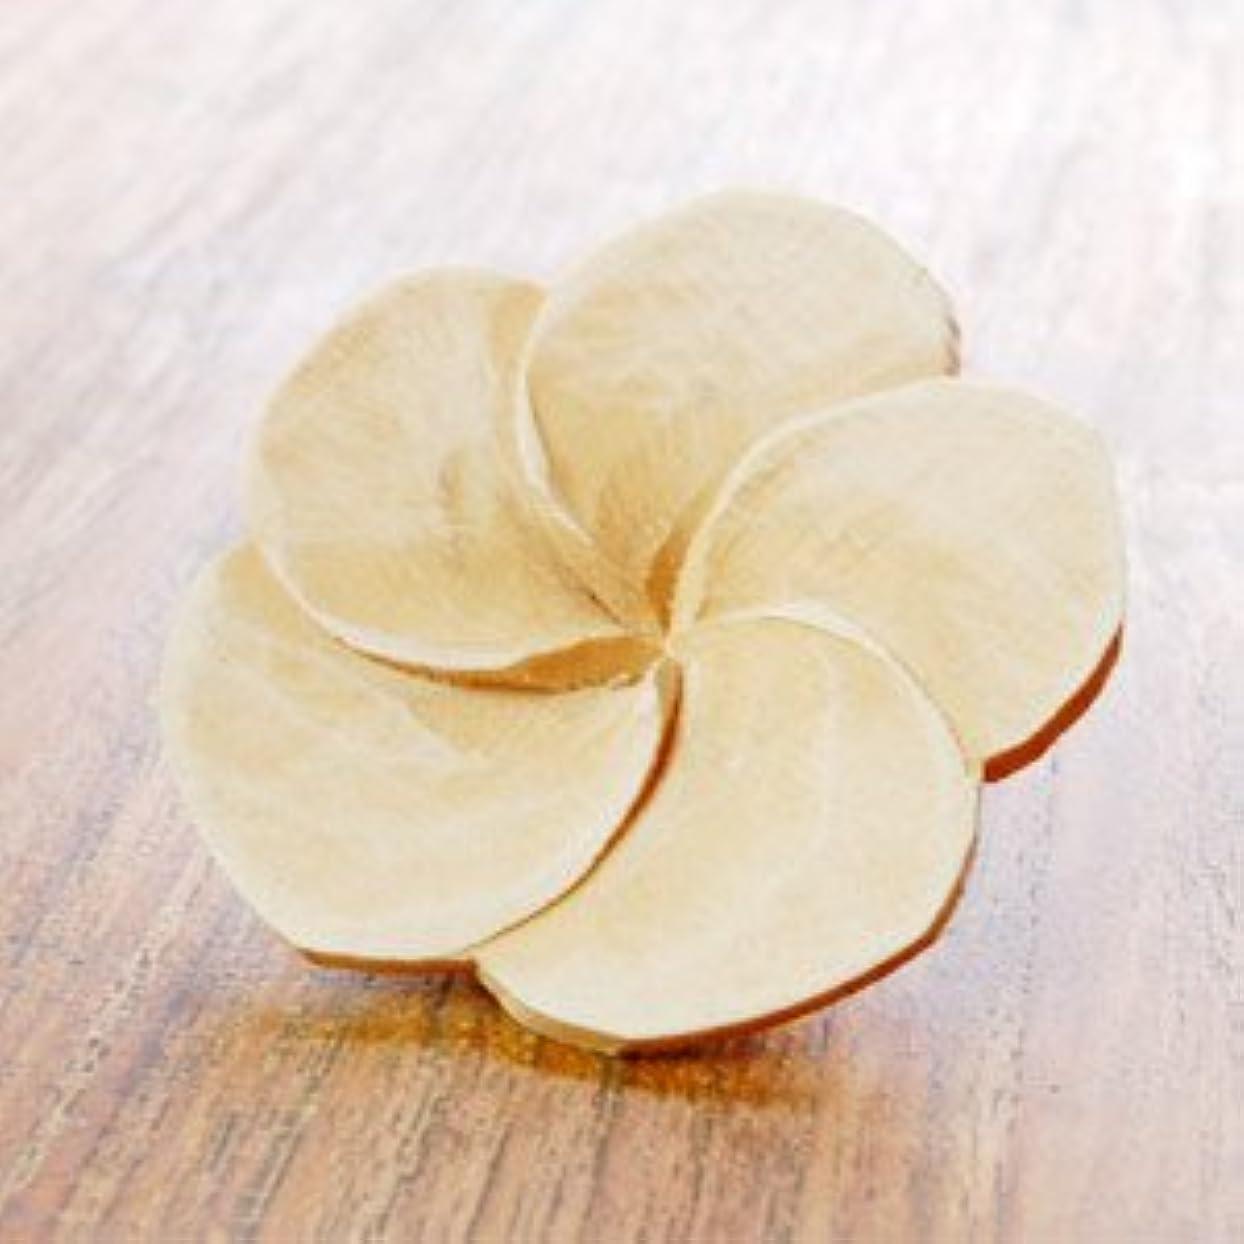 人里離れたマイル不名誉【アジア工房】プルメリアの花びらをモチーフにした木製アロマフラワー[Aタイプ][10891] [並行輸入品]